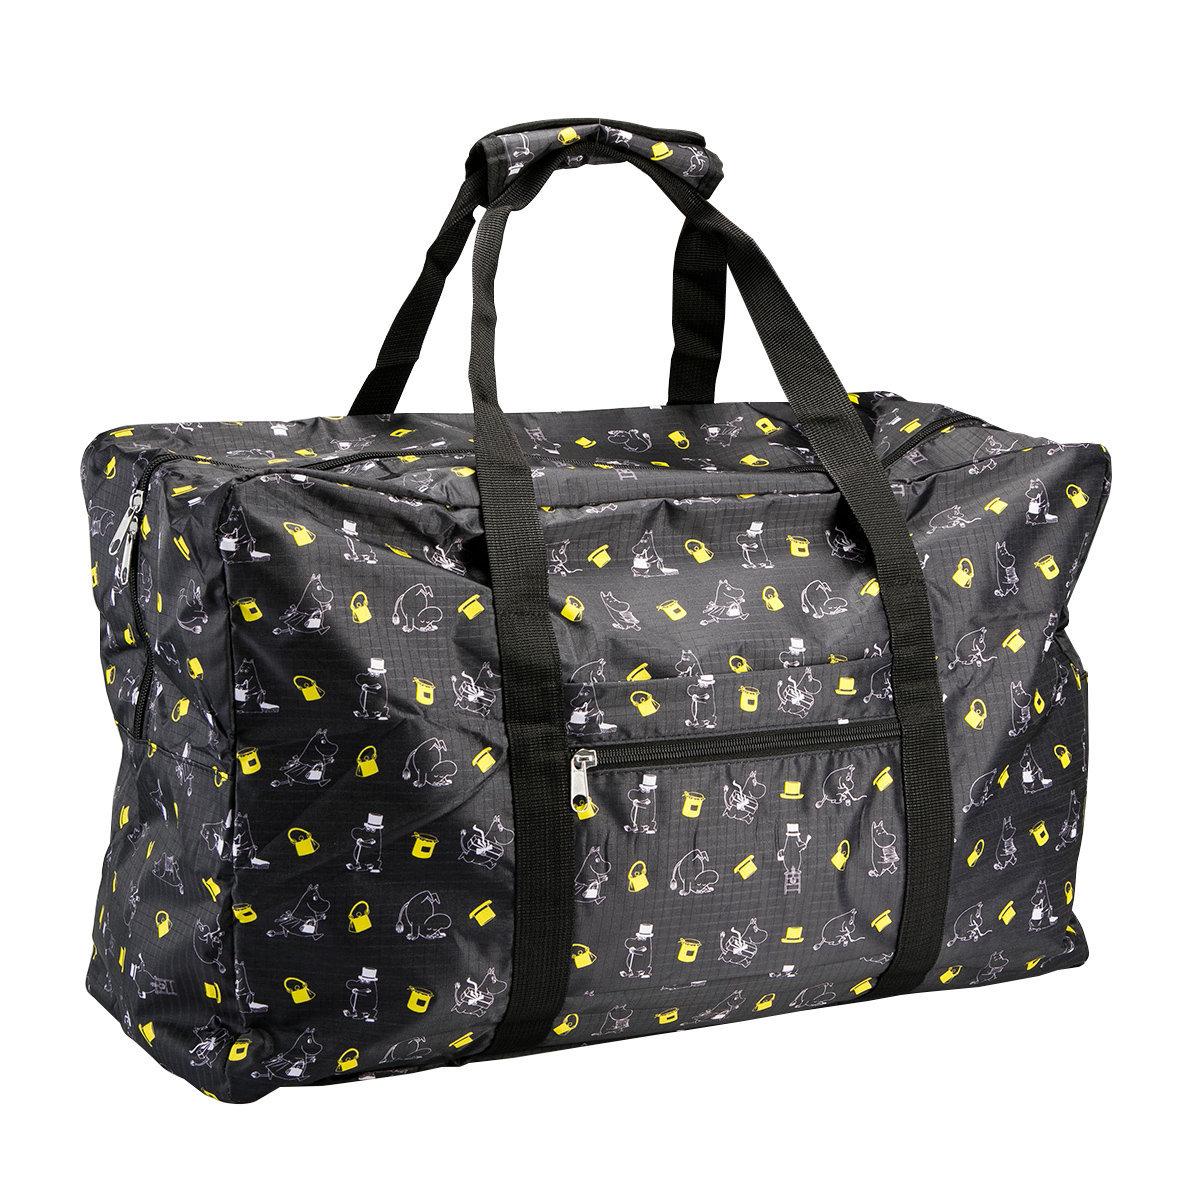 姆明日系折疊旅行行李袋